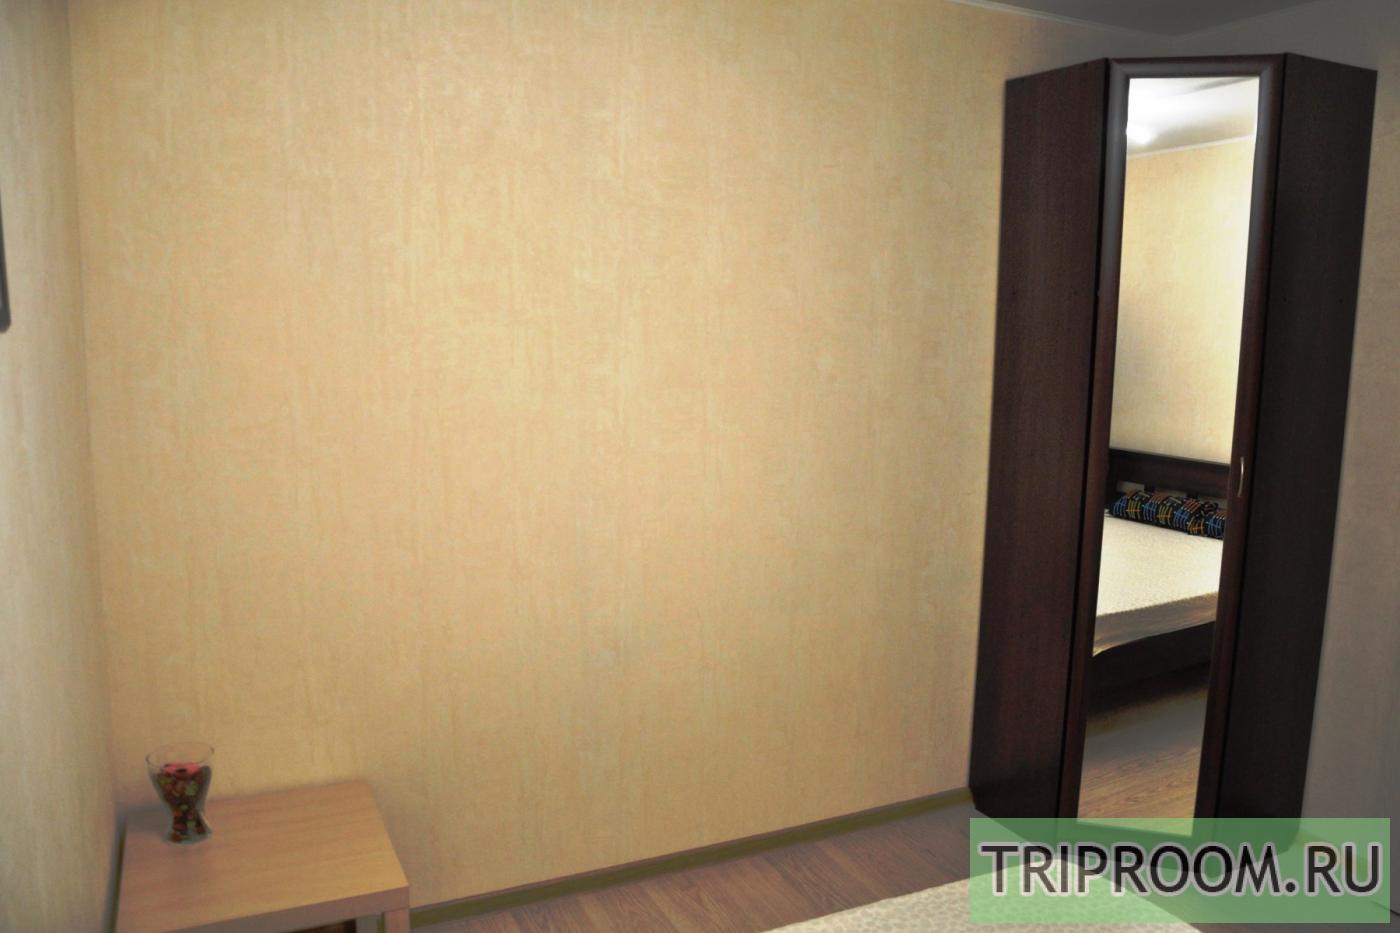 2-комнатная квартира посуточно (вариант № 22362), ул. Латышских Стрелков, фото № 10